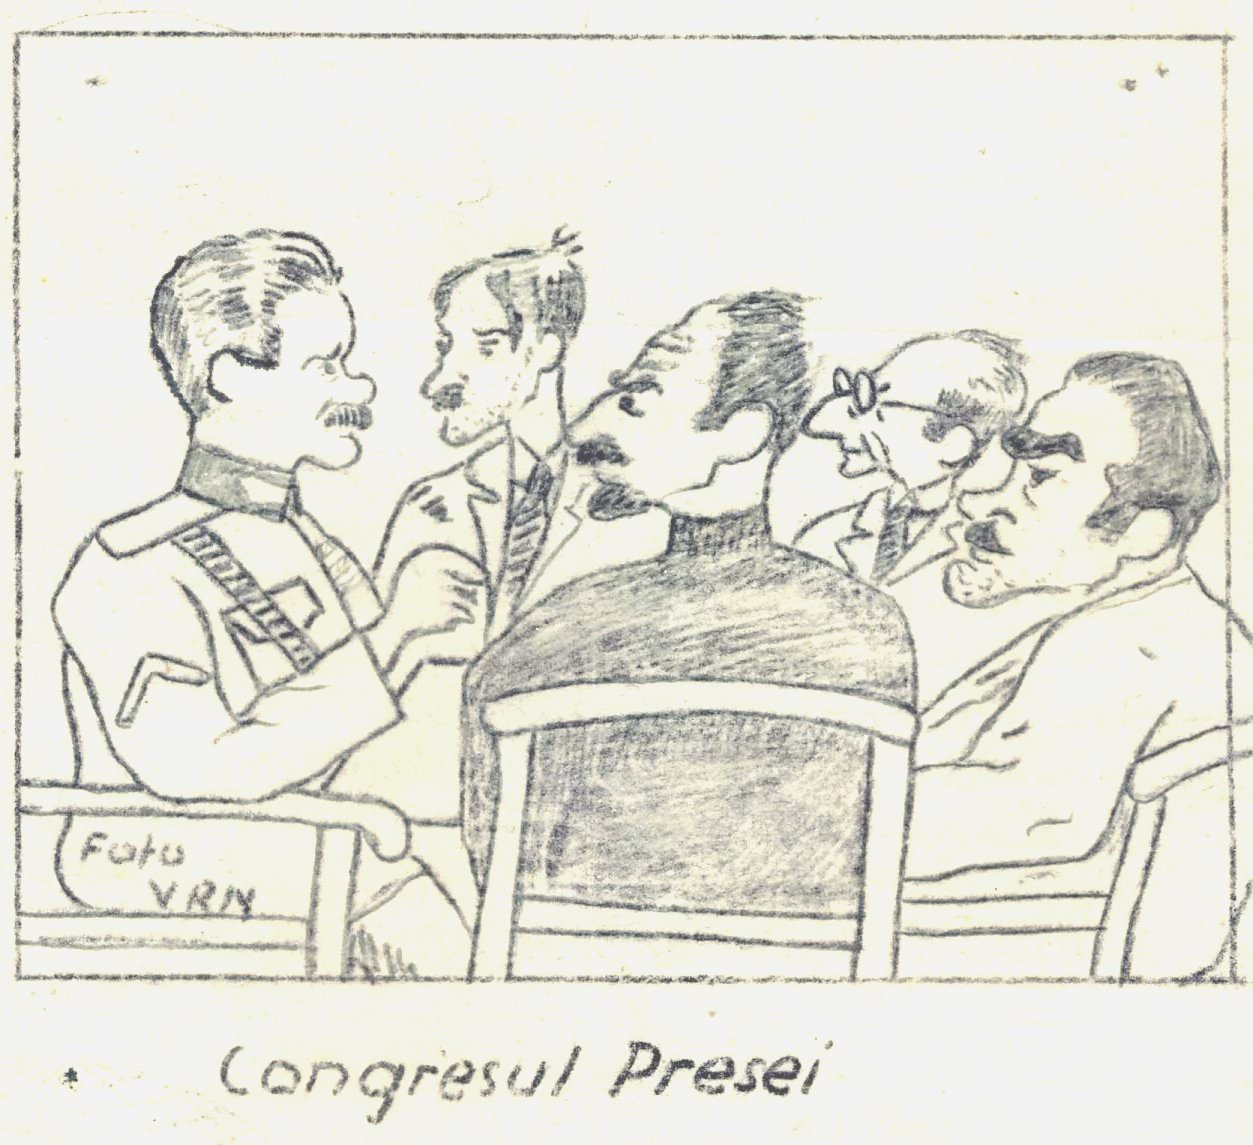 Popa D. Congresul presei hp 1